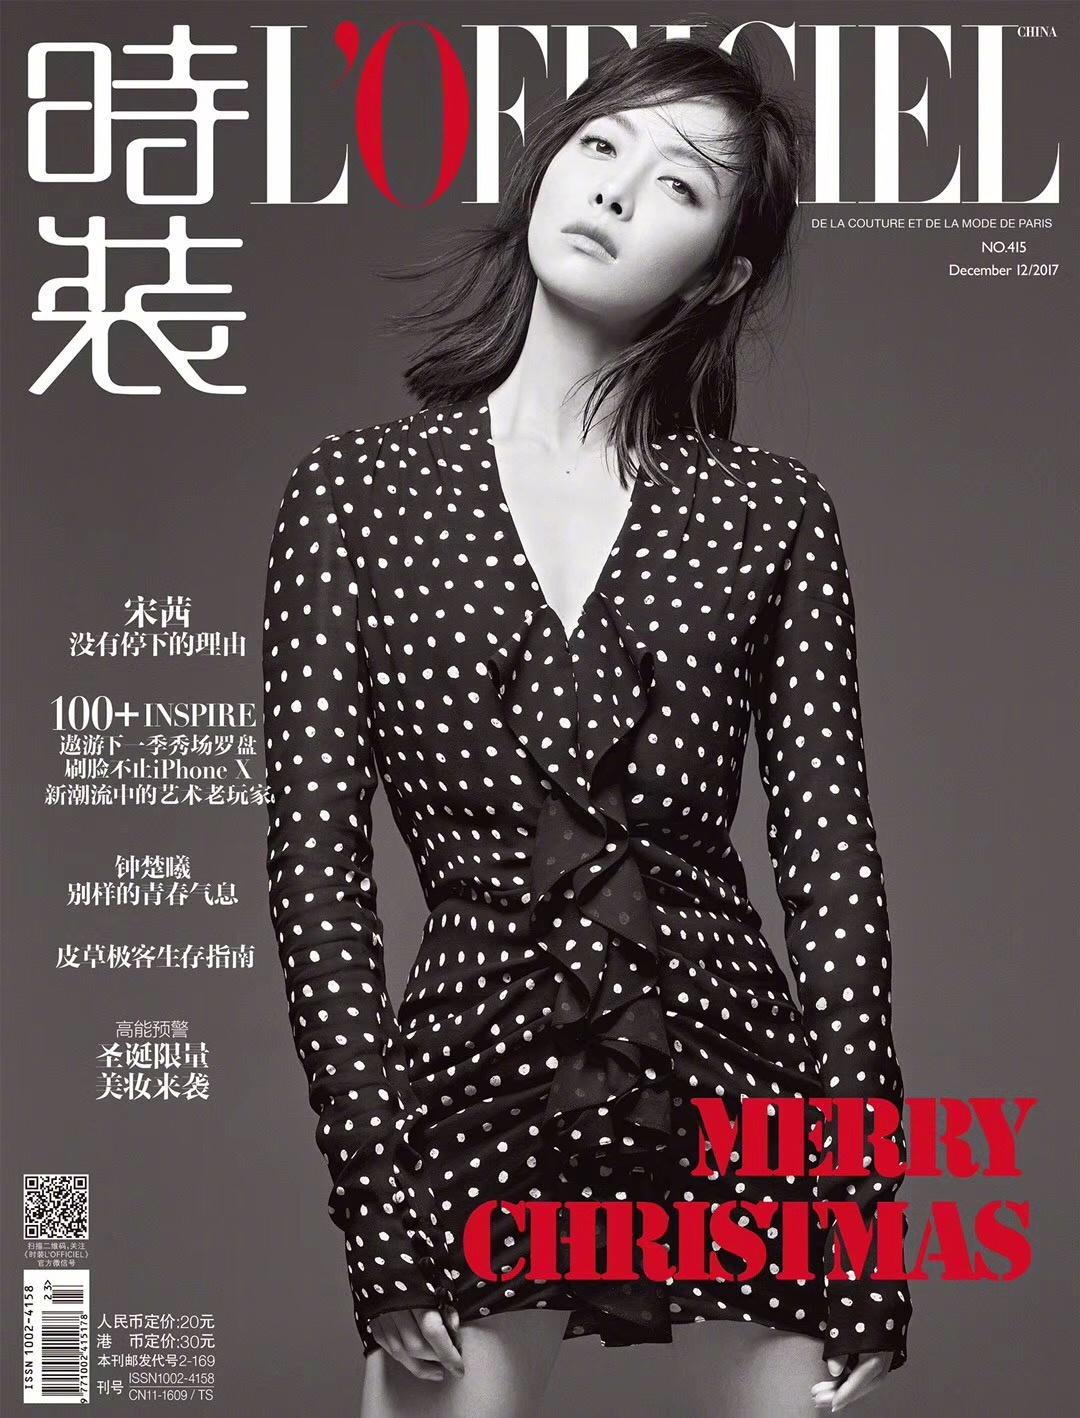 """《时装LOFFICIEL》十二月刊 宋茜""""没有停下的理由""""简单时髦的风格,年内二登时装杂志,《时装LOFFICIEL》十二月刊 宋茜""""没有停下的理由""""简单时髦的风格,年内二登时装杂志"""